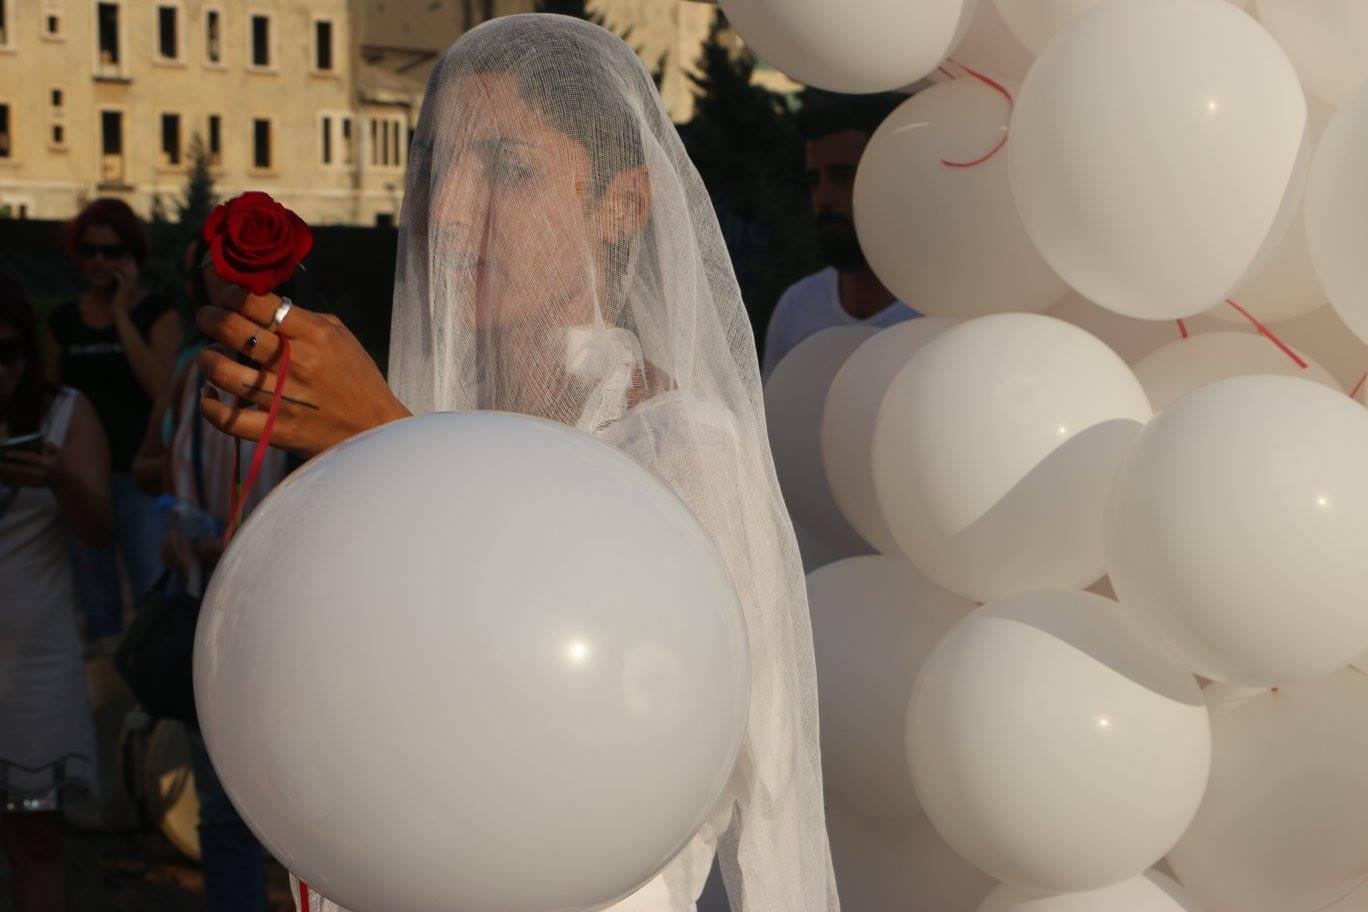 المفوض السامي لحقوق الإنسان يرحب بالإصلاح المتعلق بقانون العقوبات في لبنان